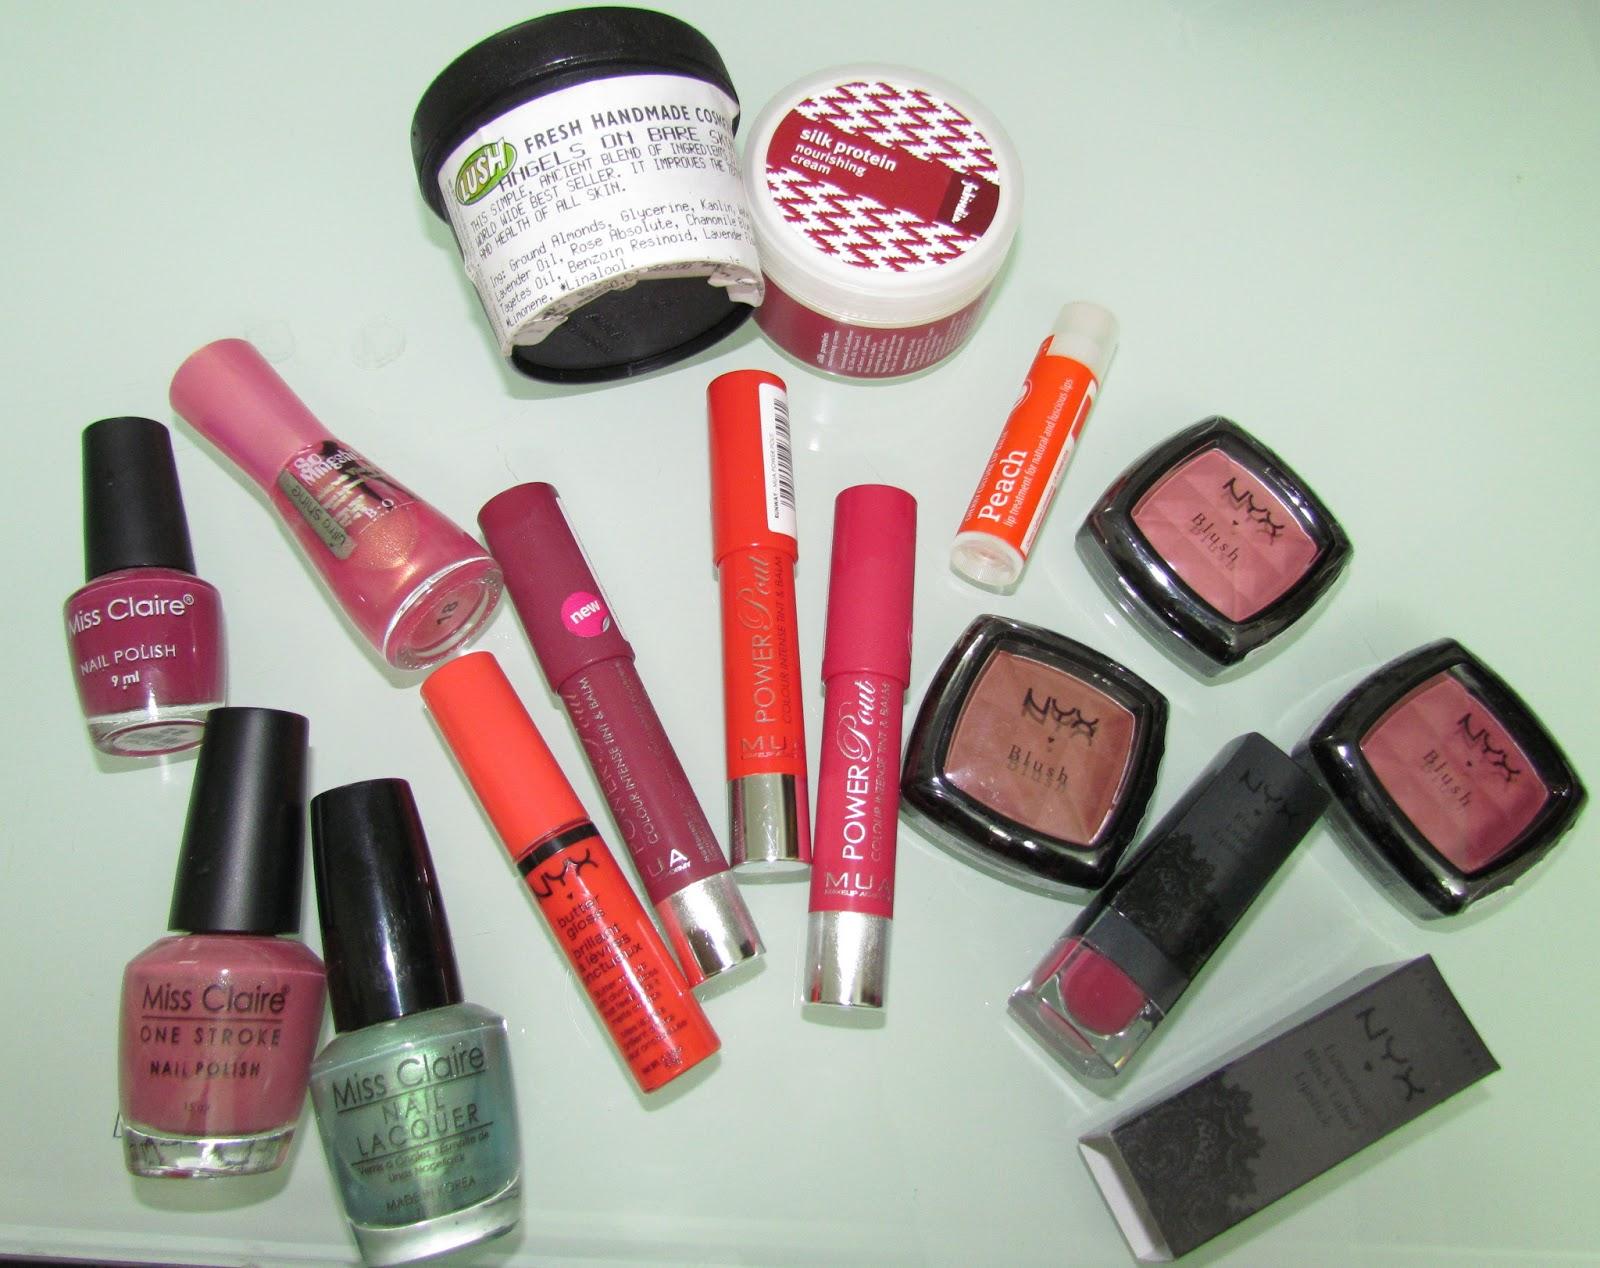 Lush makeup